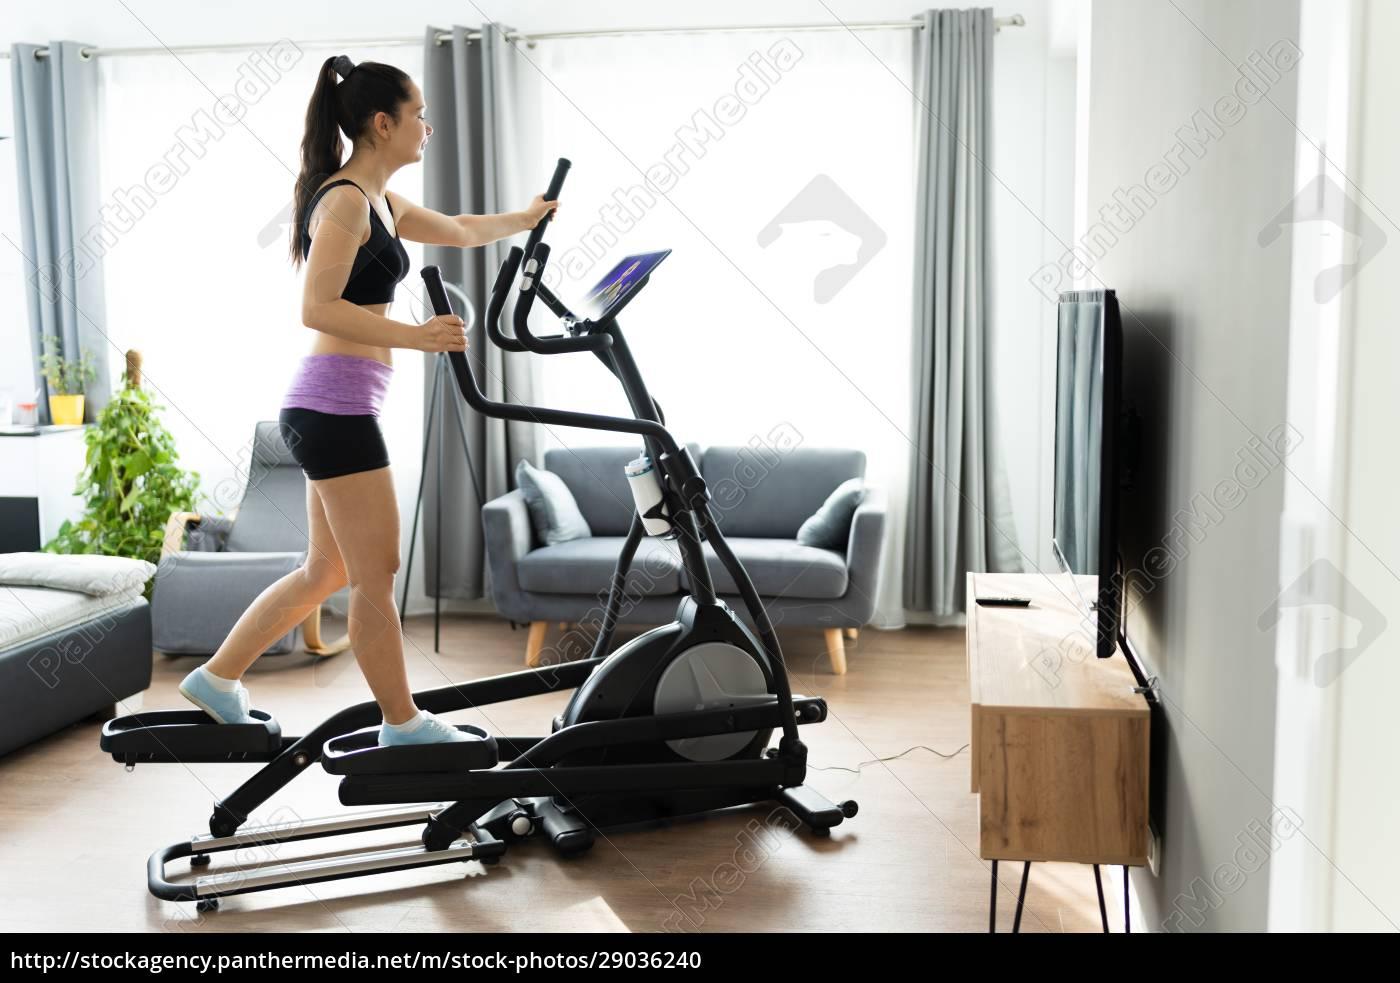 frau, training, auf, elliptische, trainer, online - 29036240